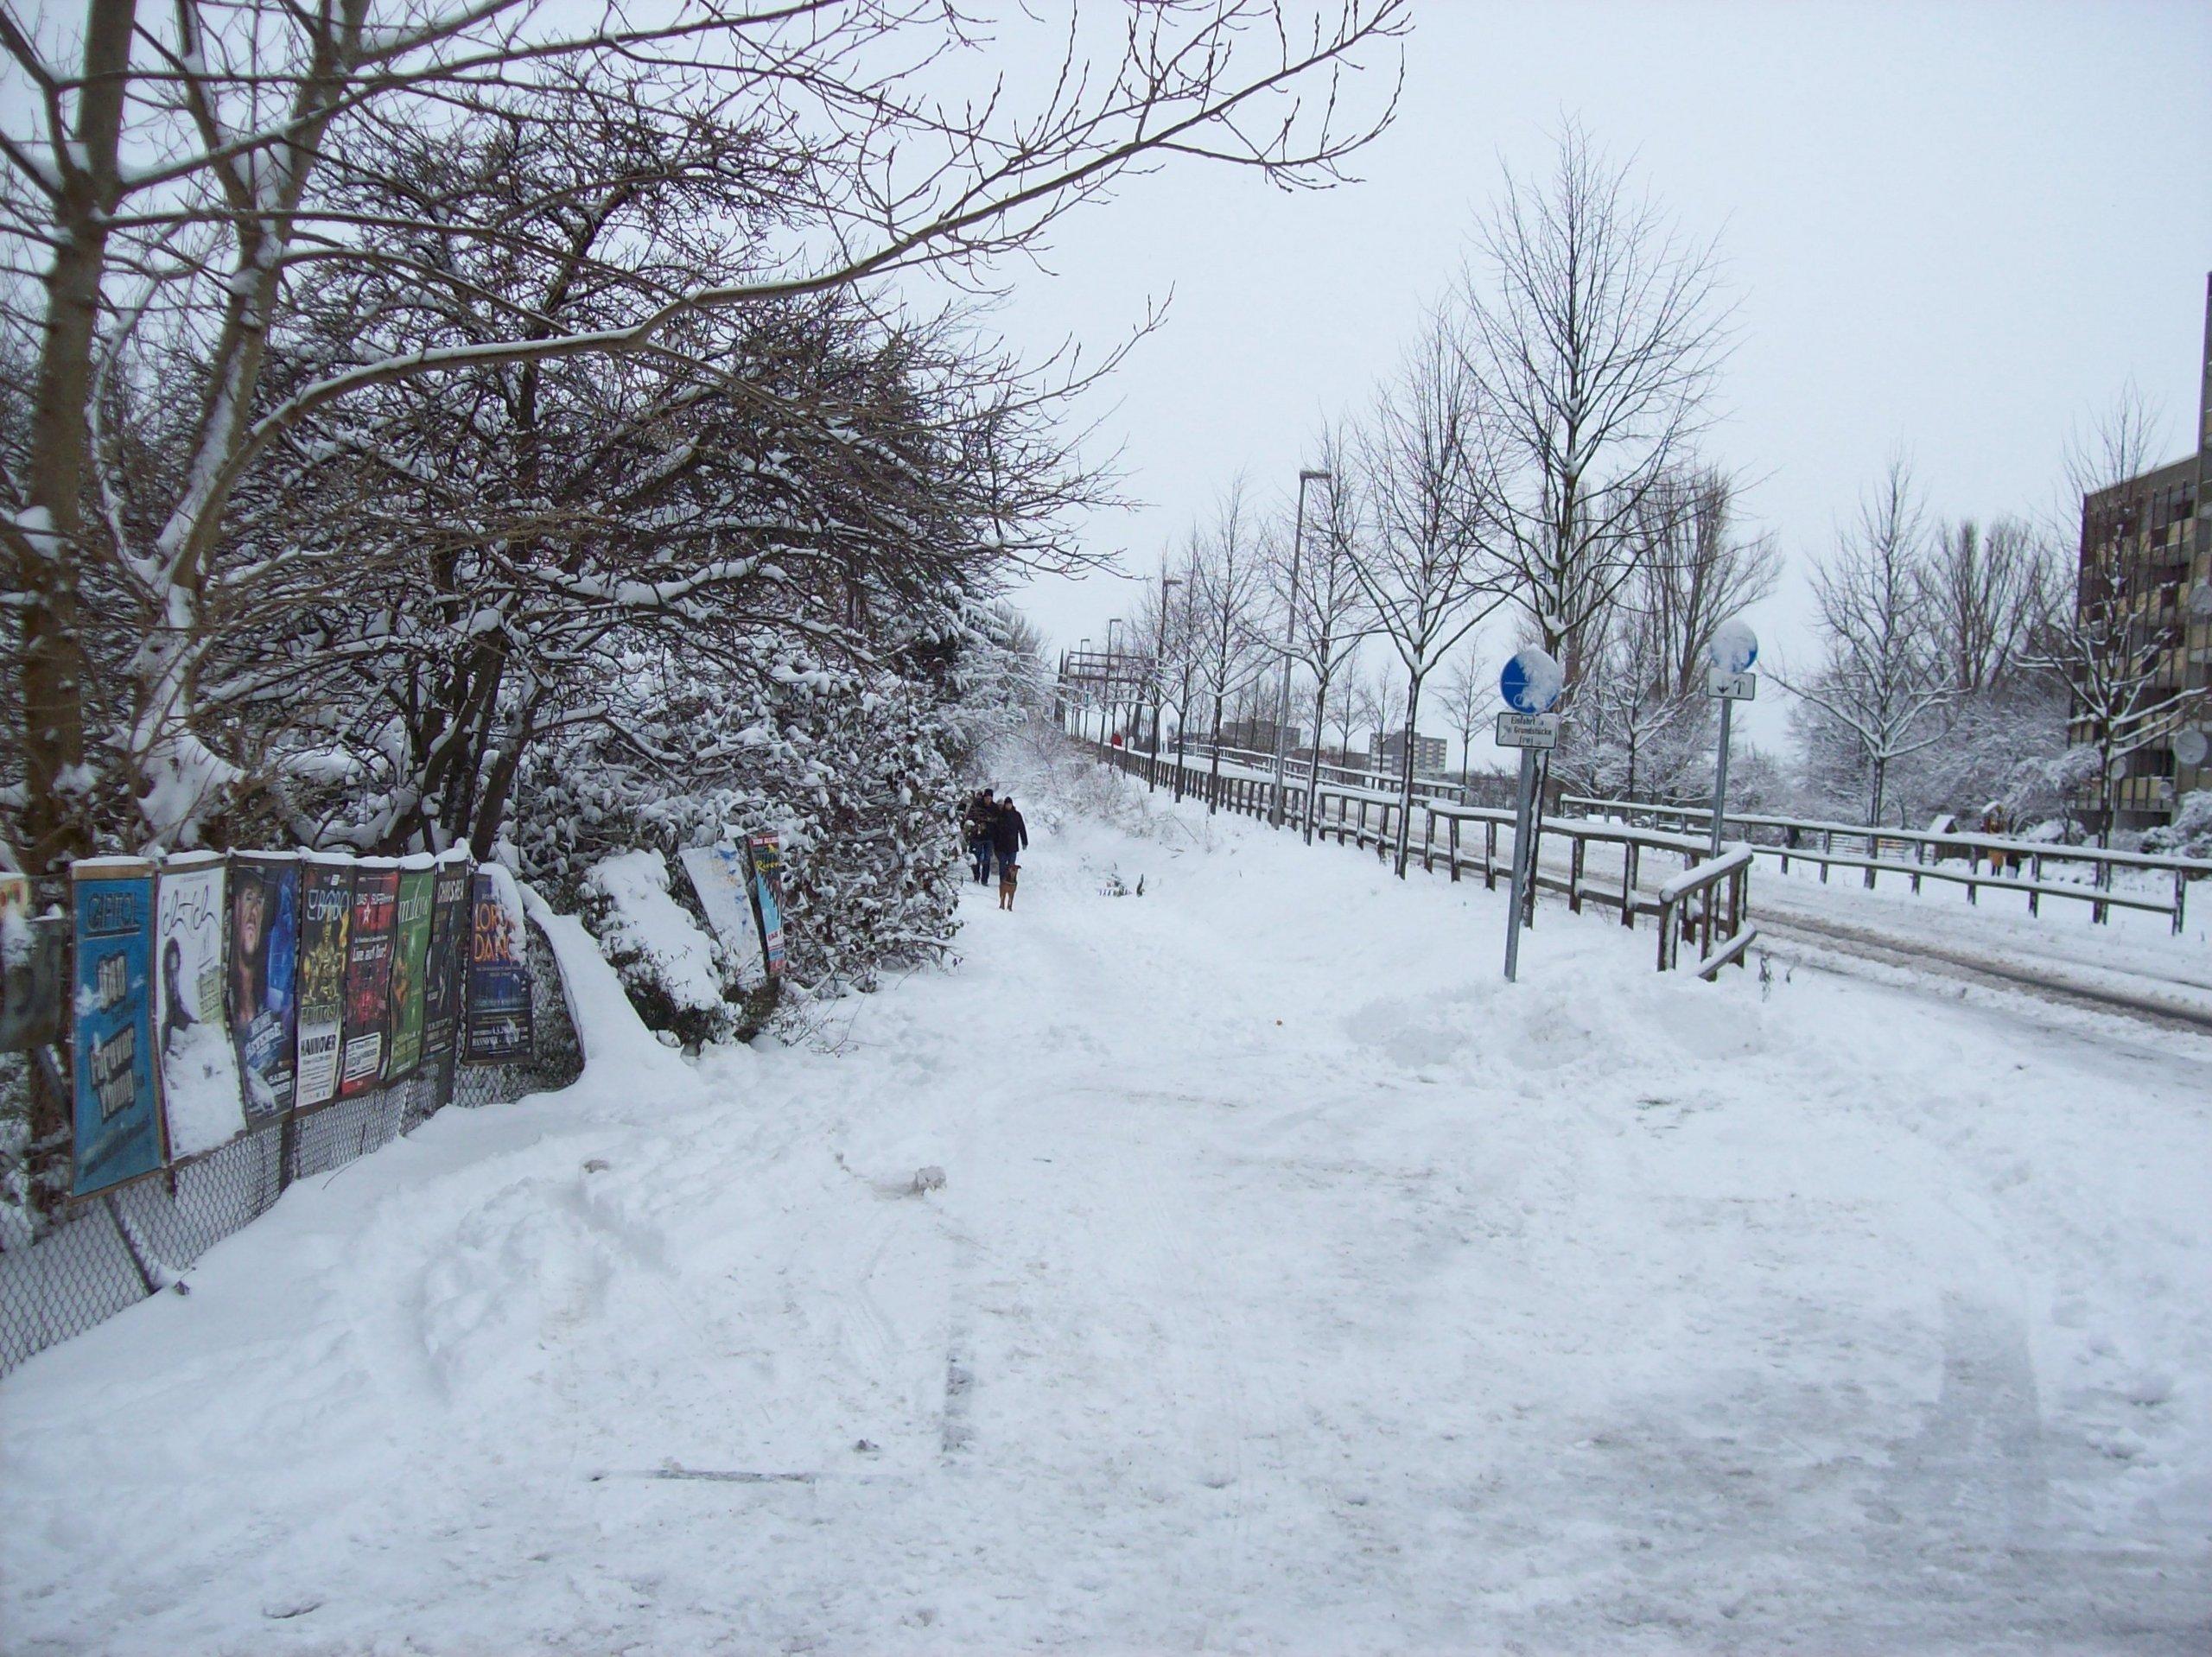 Winter In Germany 2009 Germany Photo 15177119 Fanpop